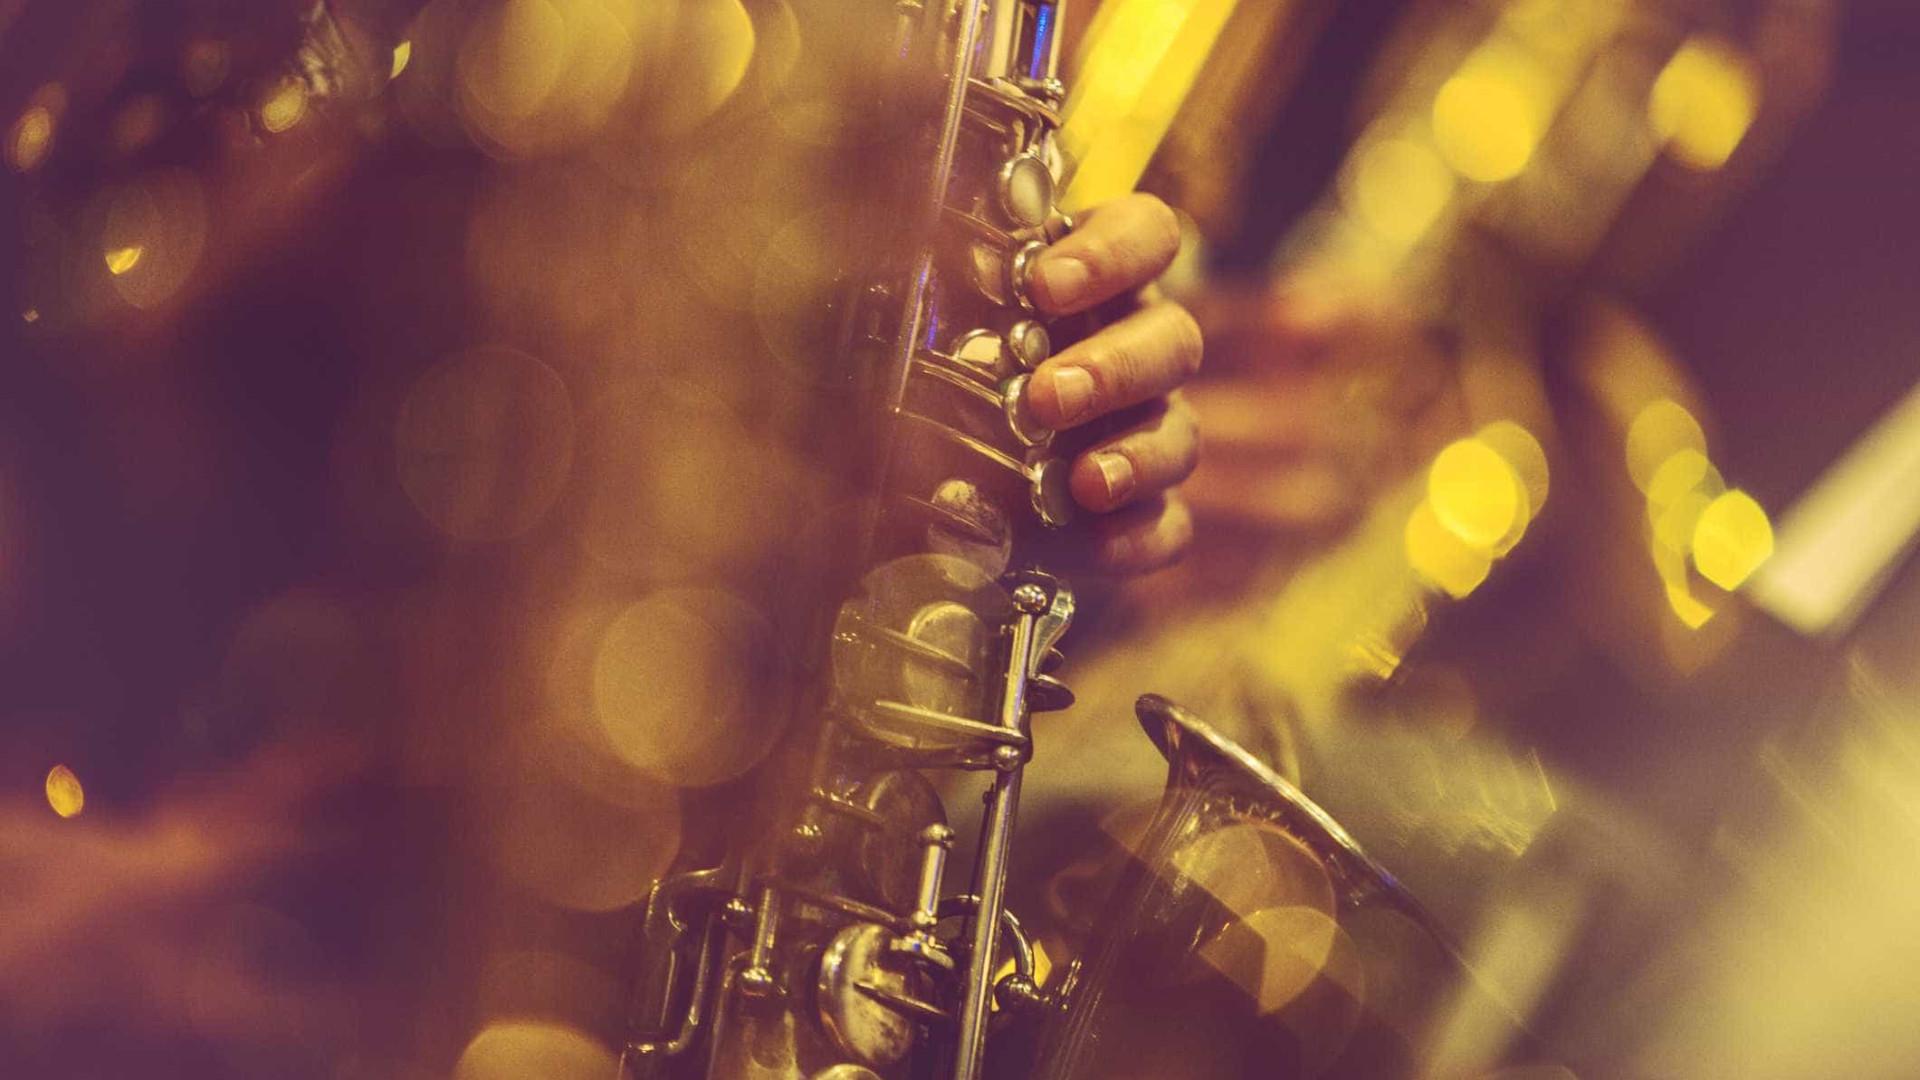 Música improvisada com mais palcos este ano na Festa do Jazz